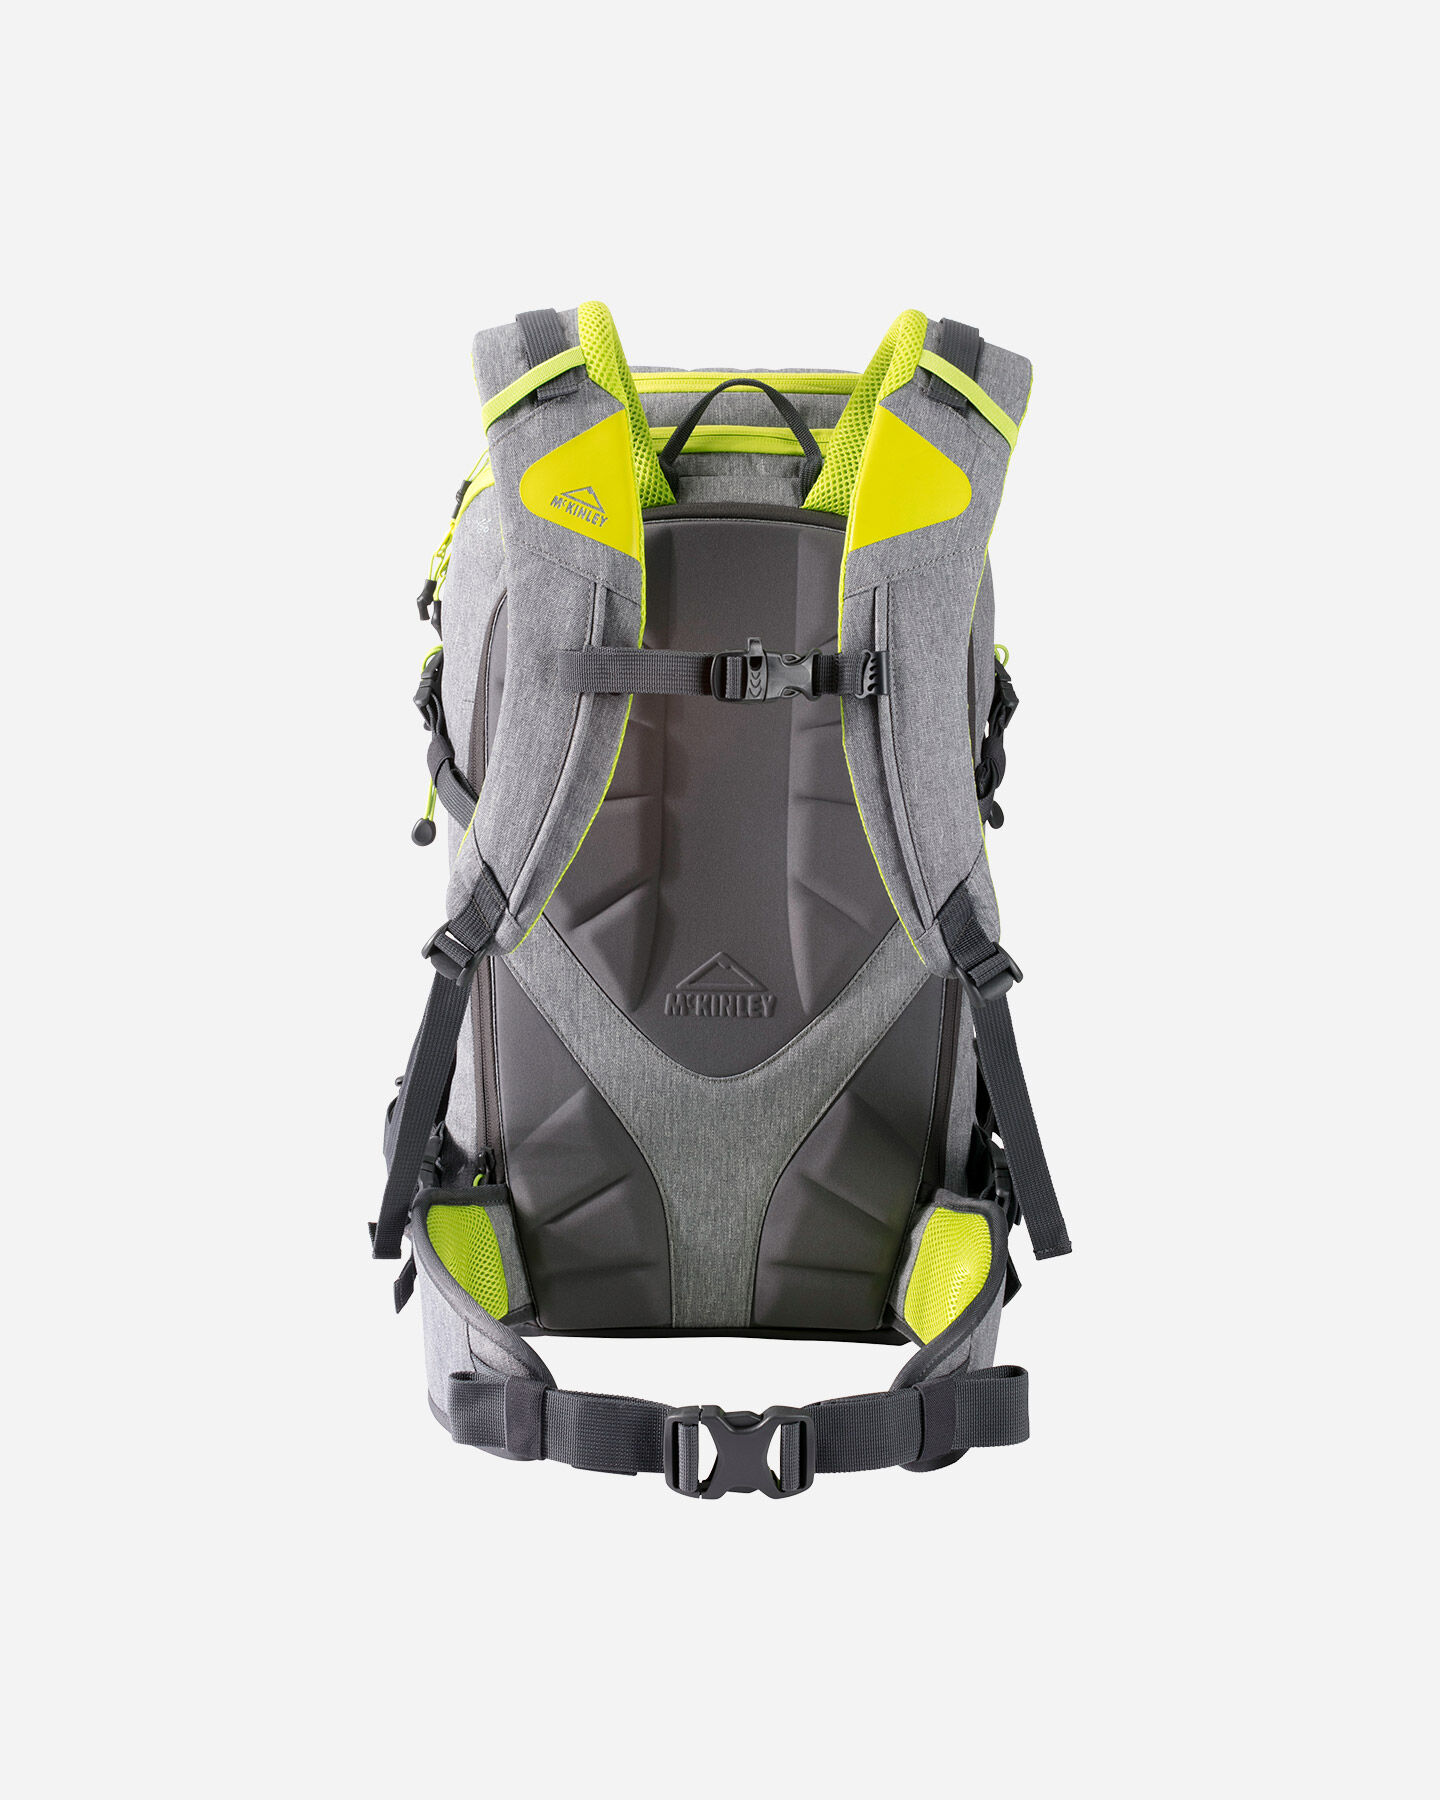 Zaino alpinismo MCKINLEY BLACK BURN 20 II S2021890 903 20 scatto 1